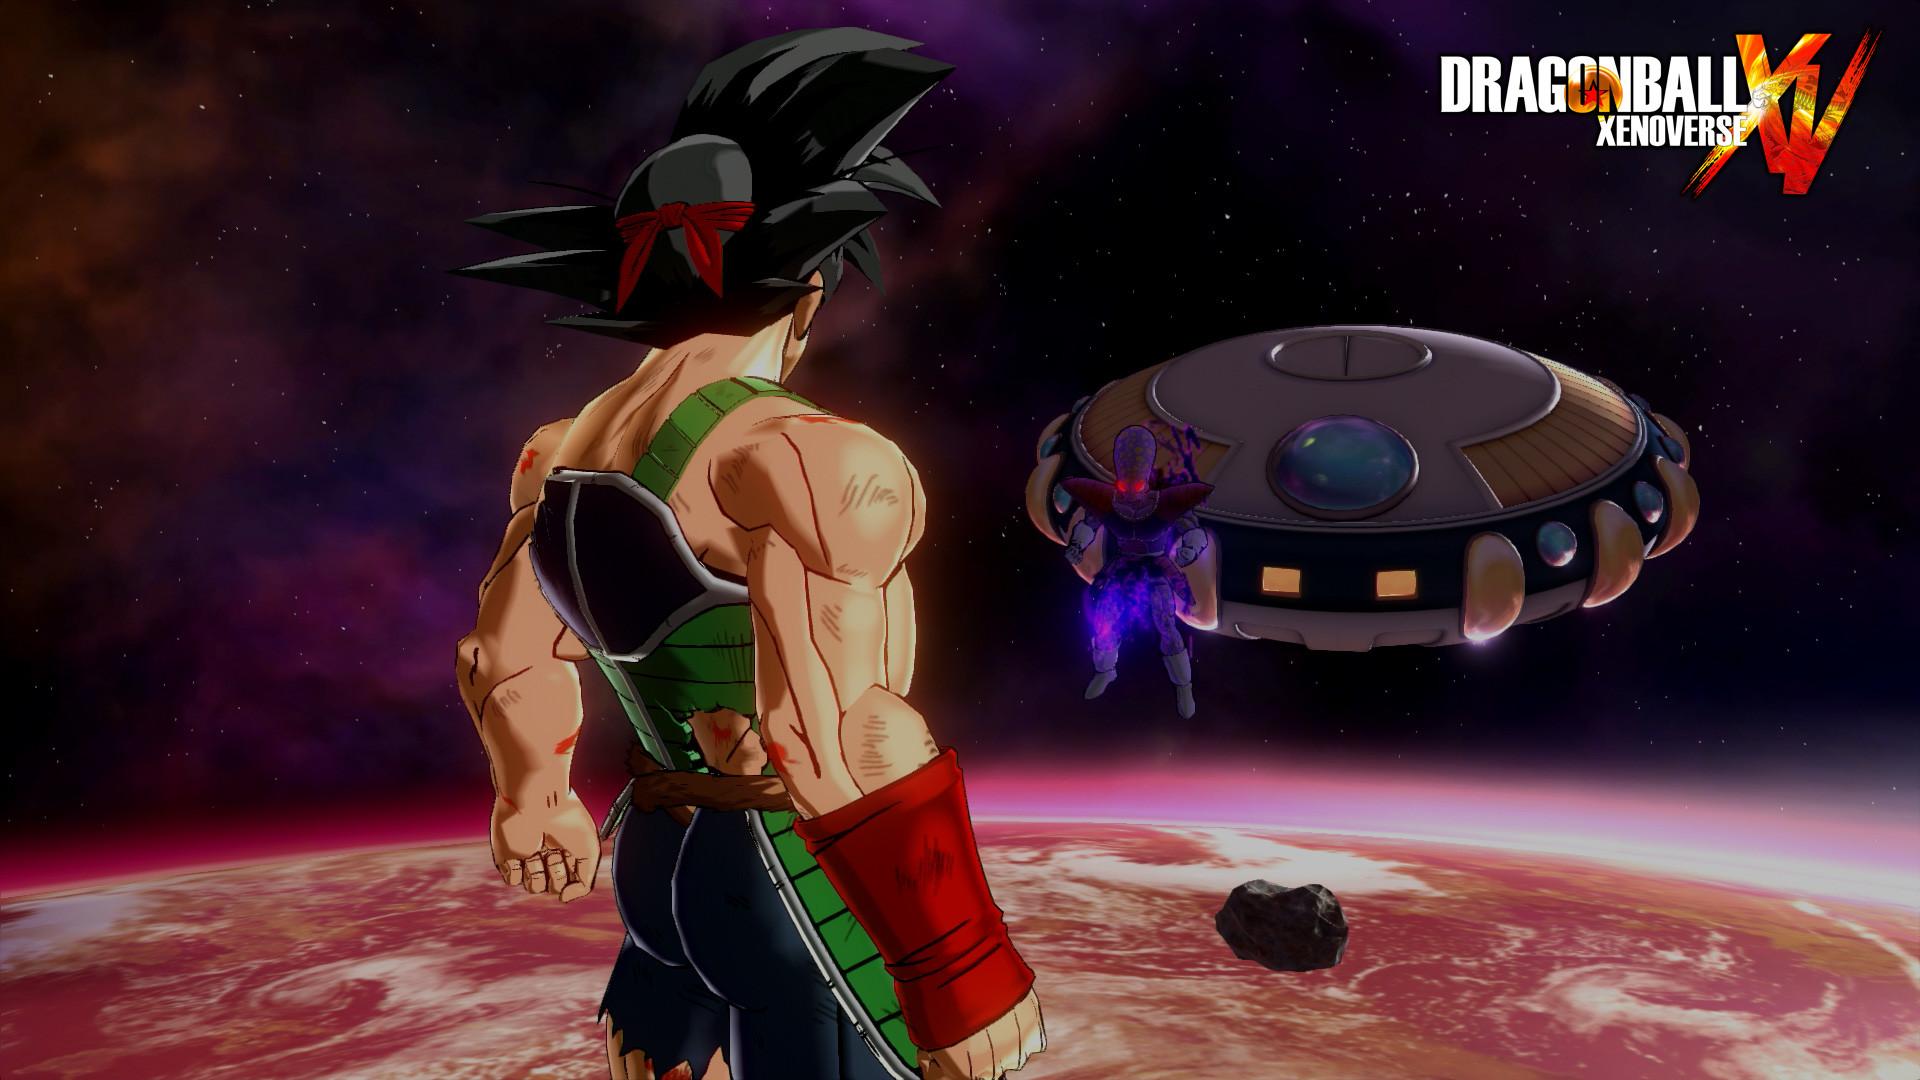 Dragon-Ball-Xenoverse-Bardock 1